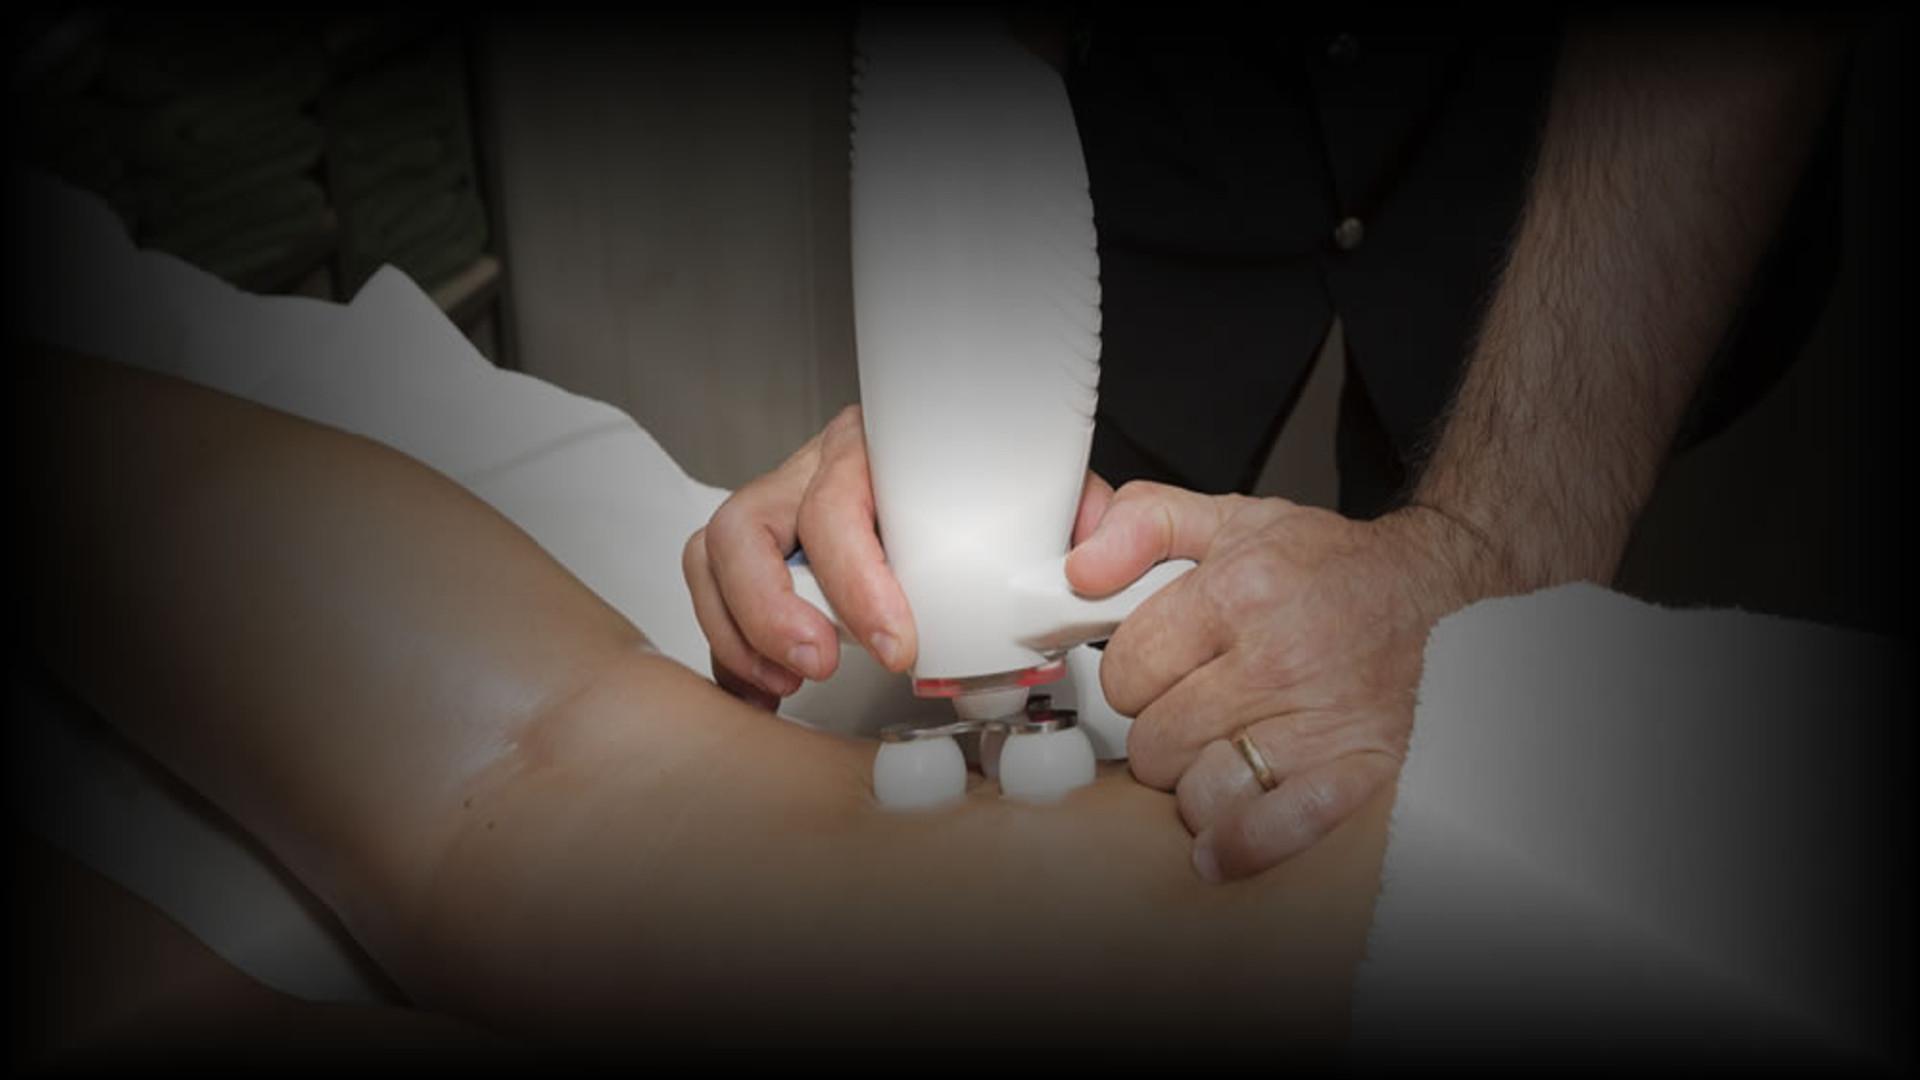 rollaction-el-renovador-sistema-de-masaje-para-tramientos-esteticos-y-terapeuticos-1920